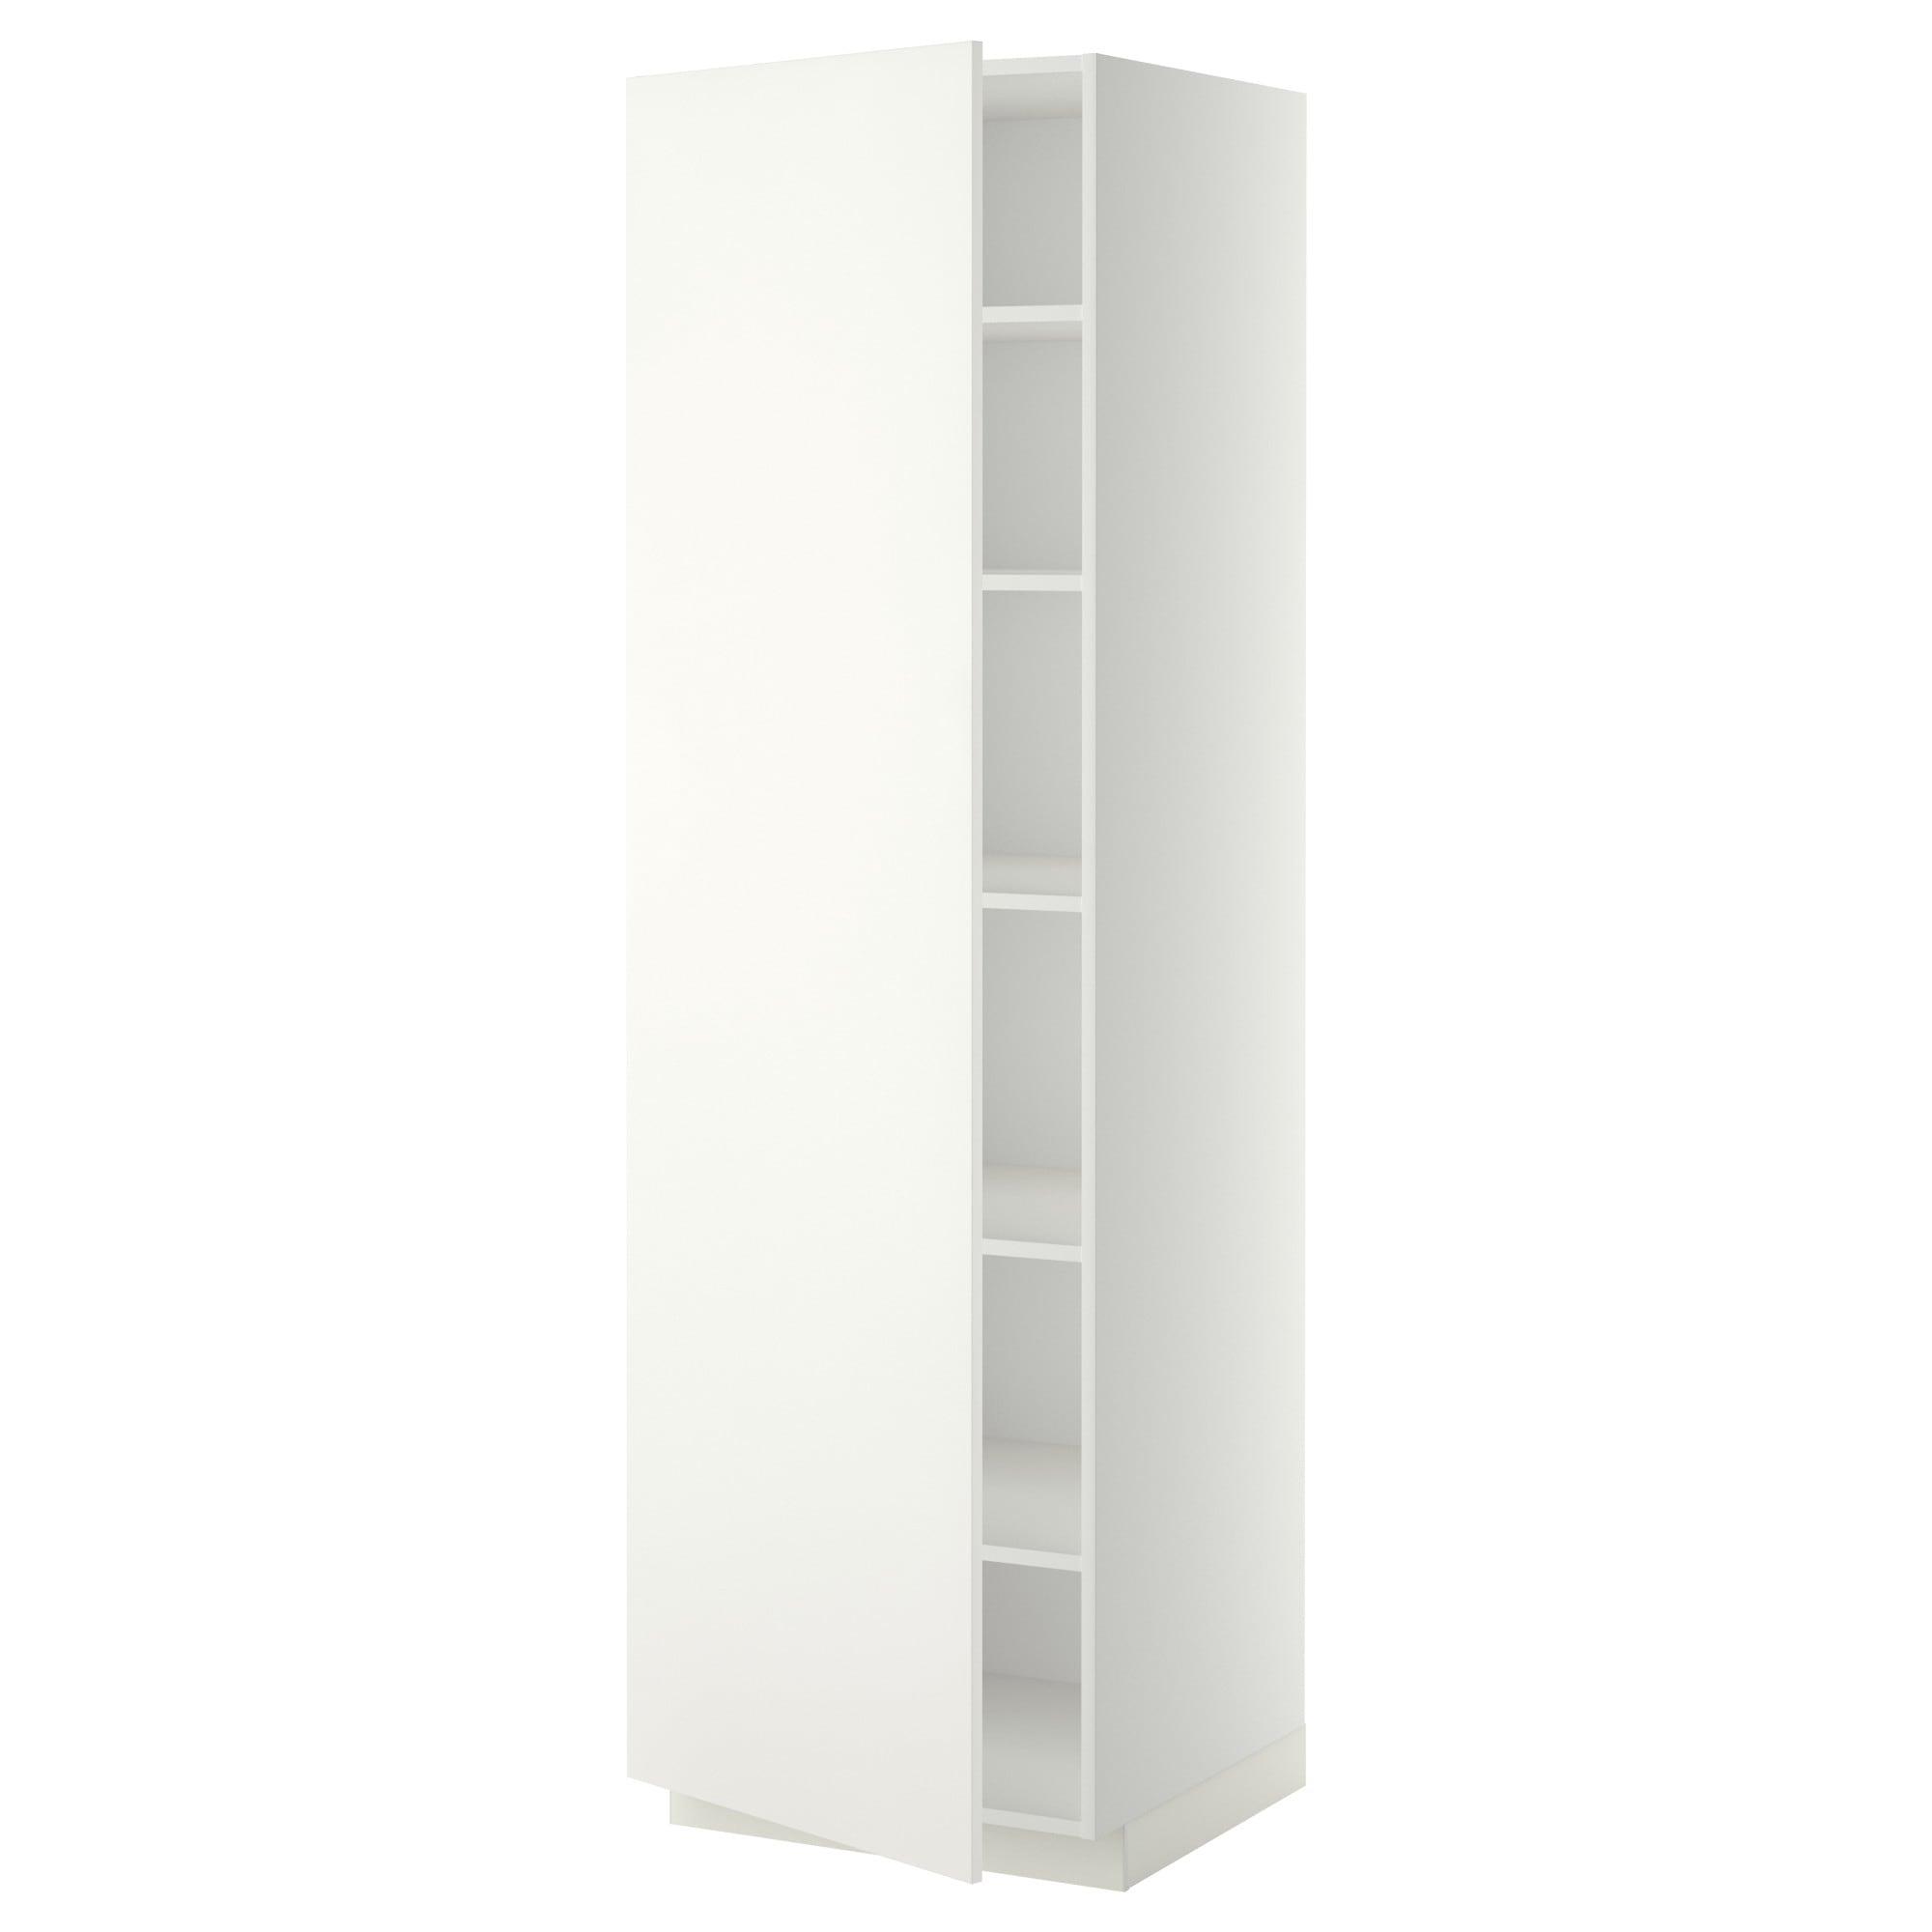 Metod Weiss Hochschrank Mit Einlegeboden Frame Colour Weiss Haggeby Hochschrank Ikea Einbauschrank